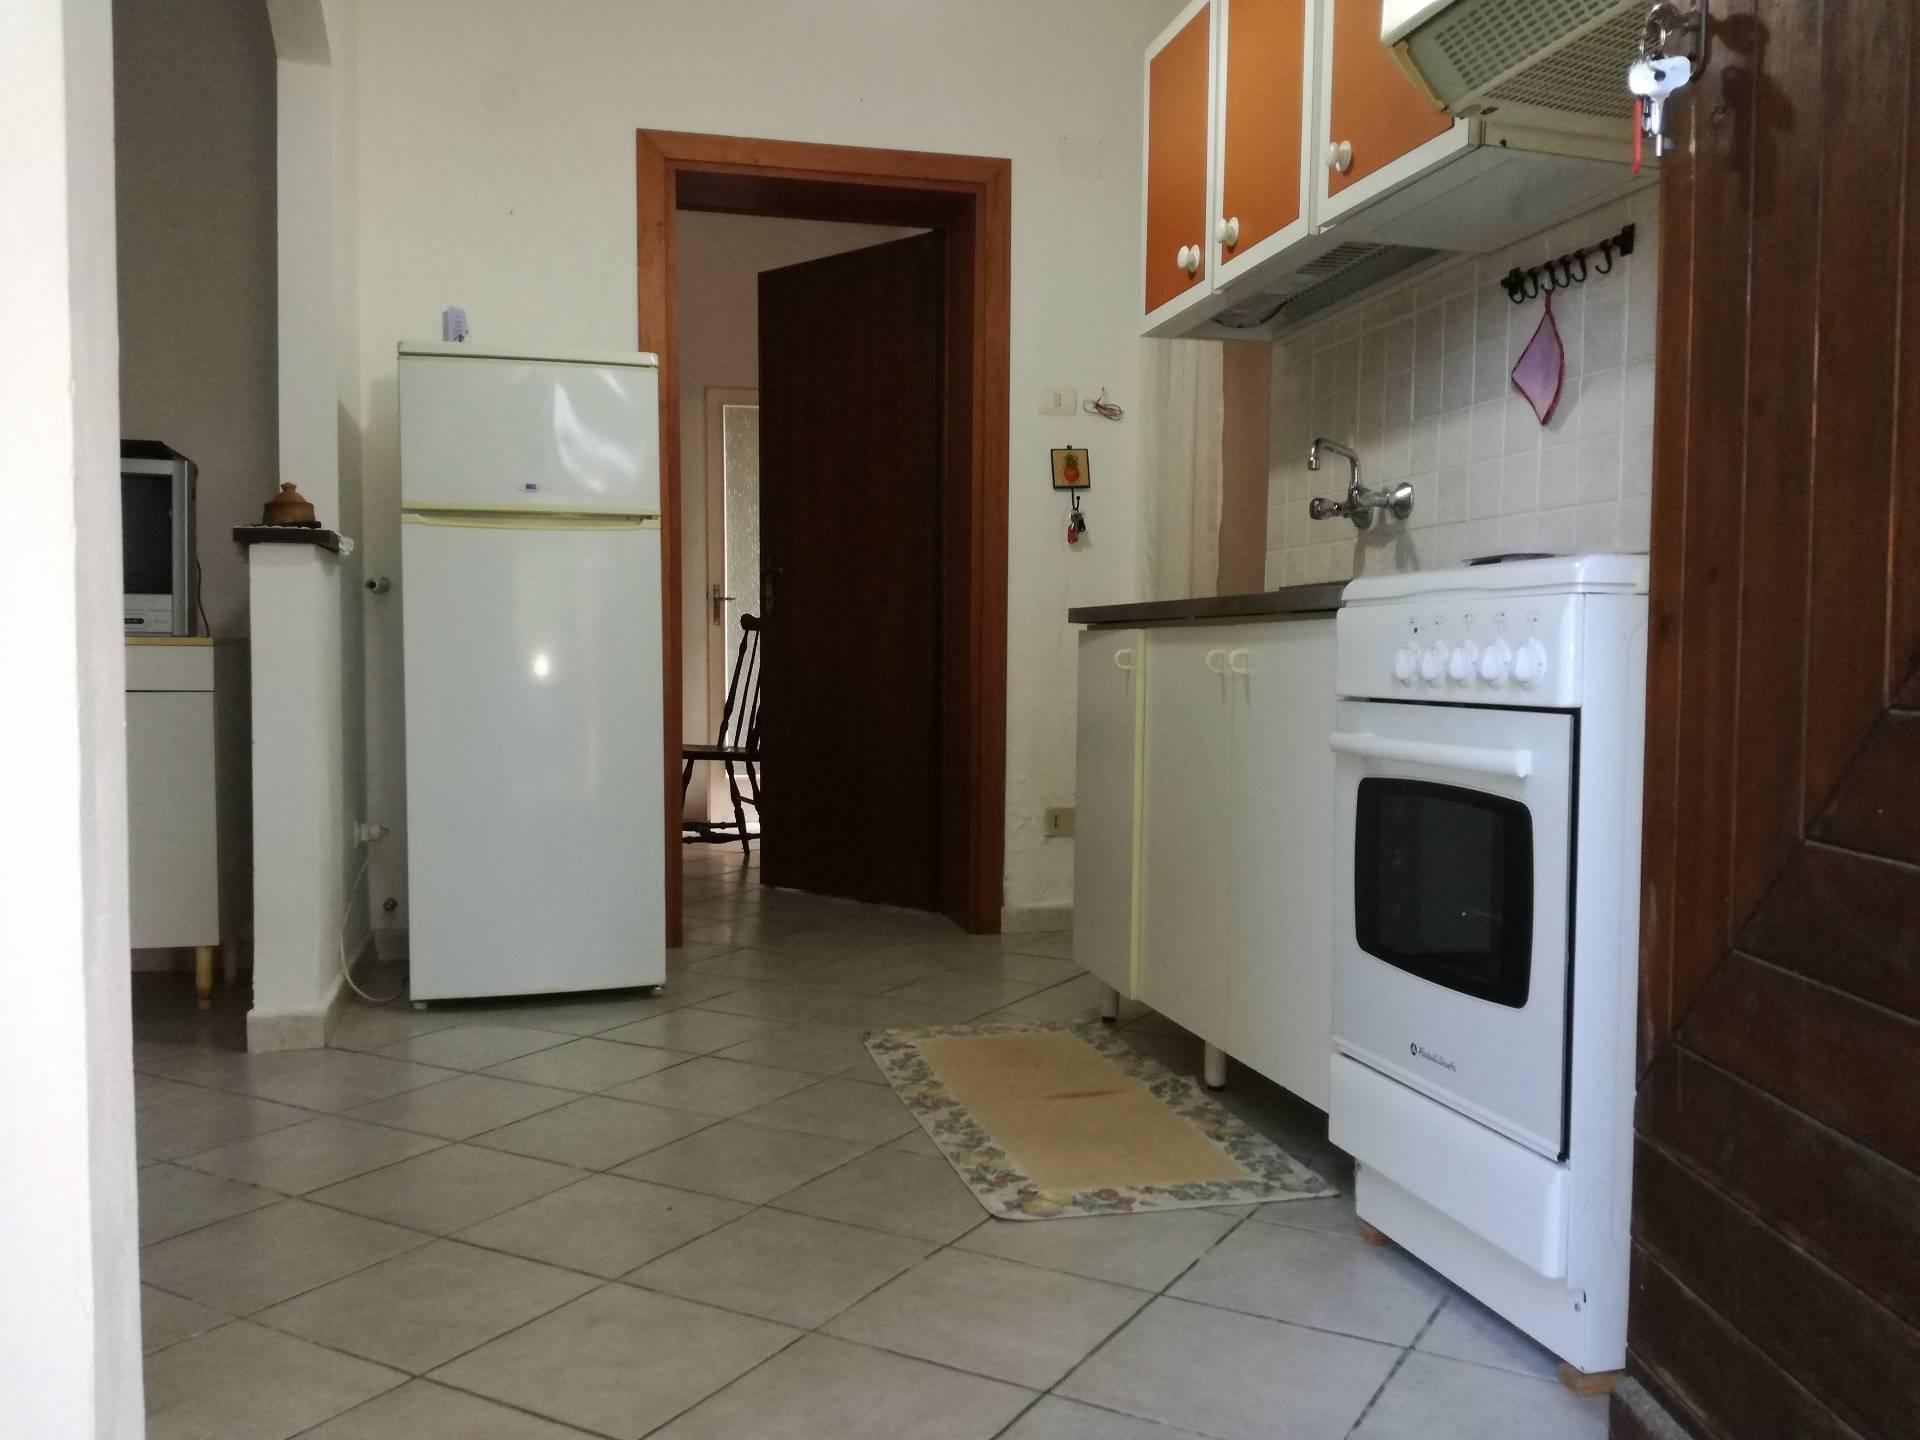 Soluzione Indipendente in vendita a Palaia, 6 locali, zona Zona: Forcoli, prezzo € 150.000 | CambioCasa.it